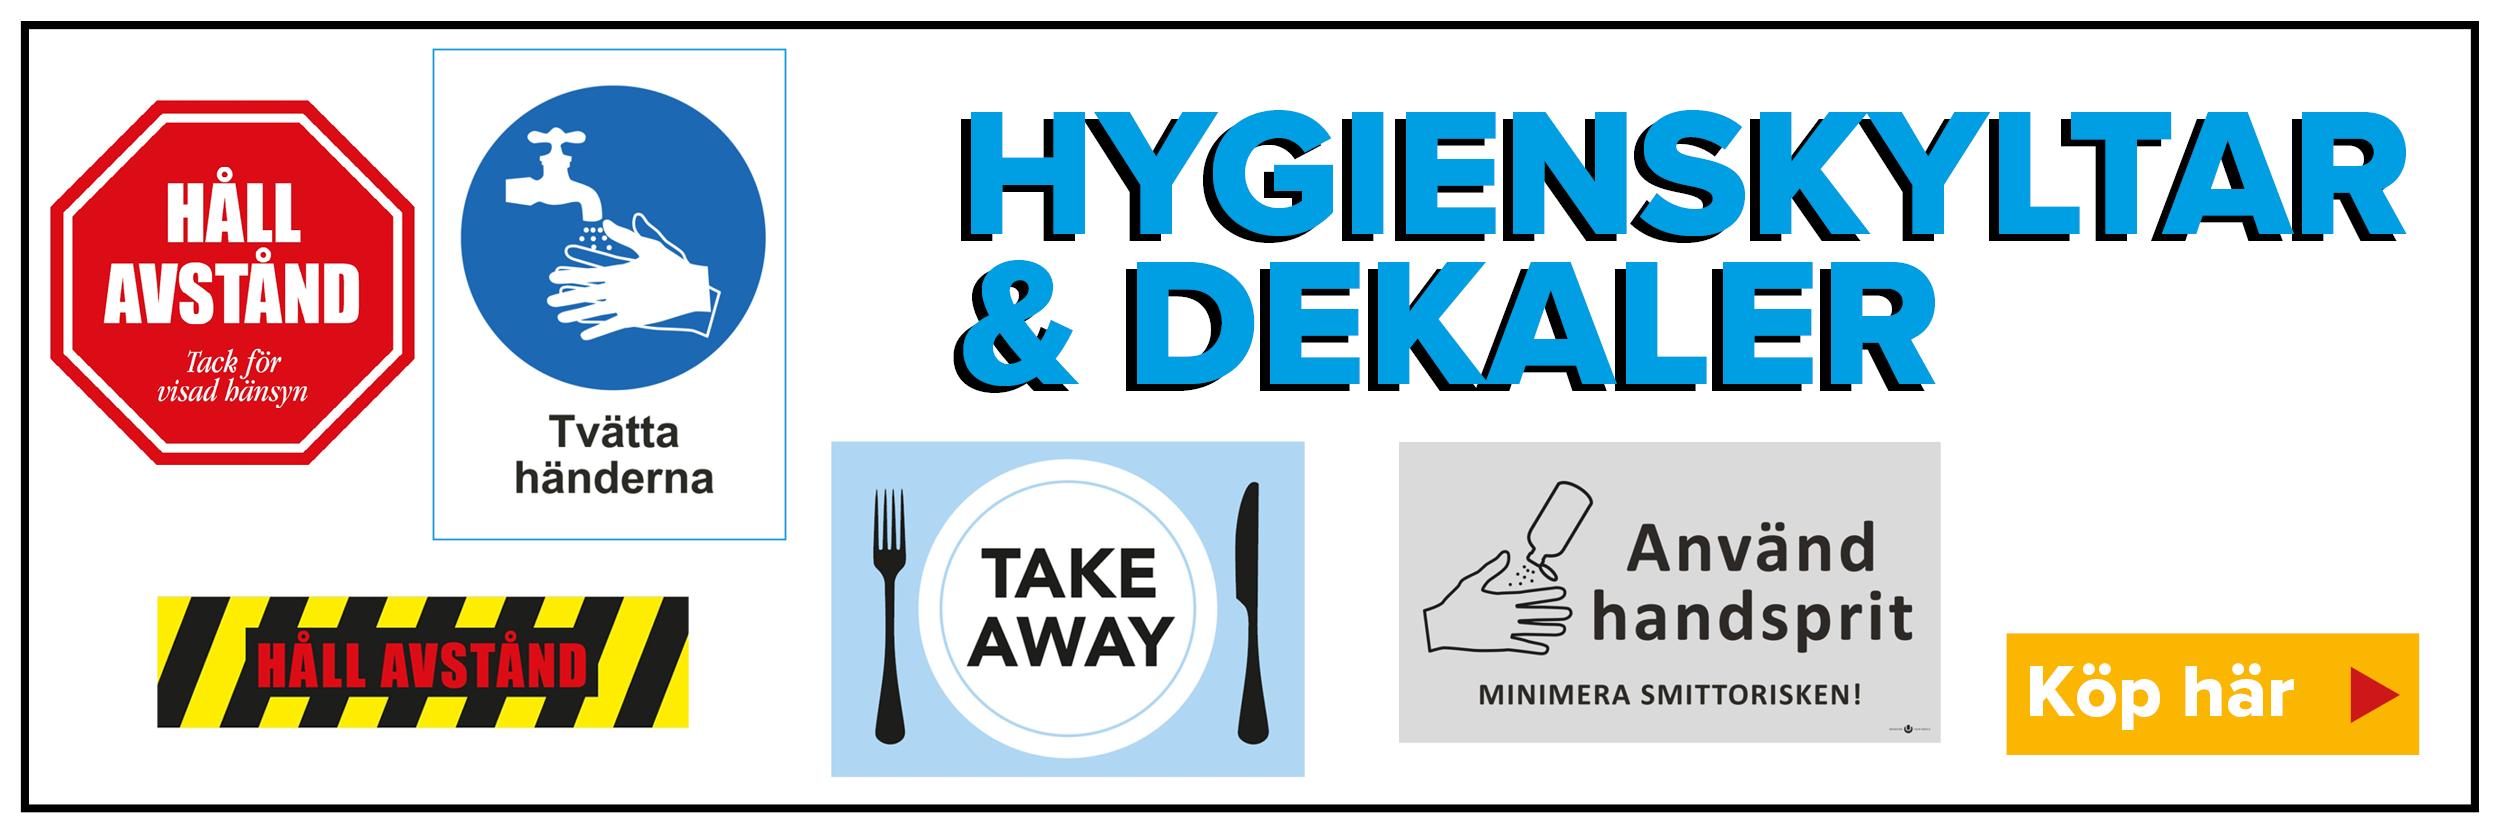 Hygienskylt